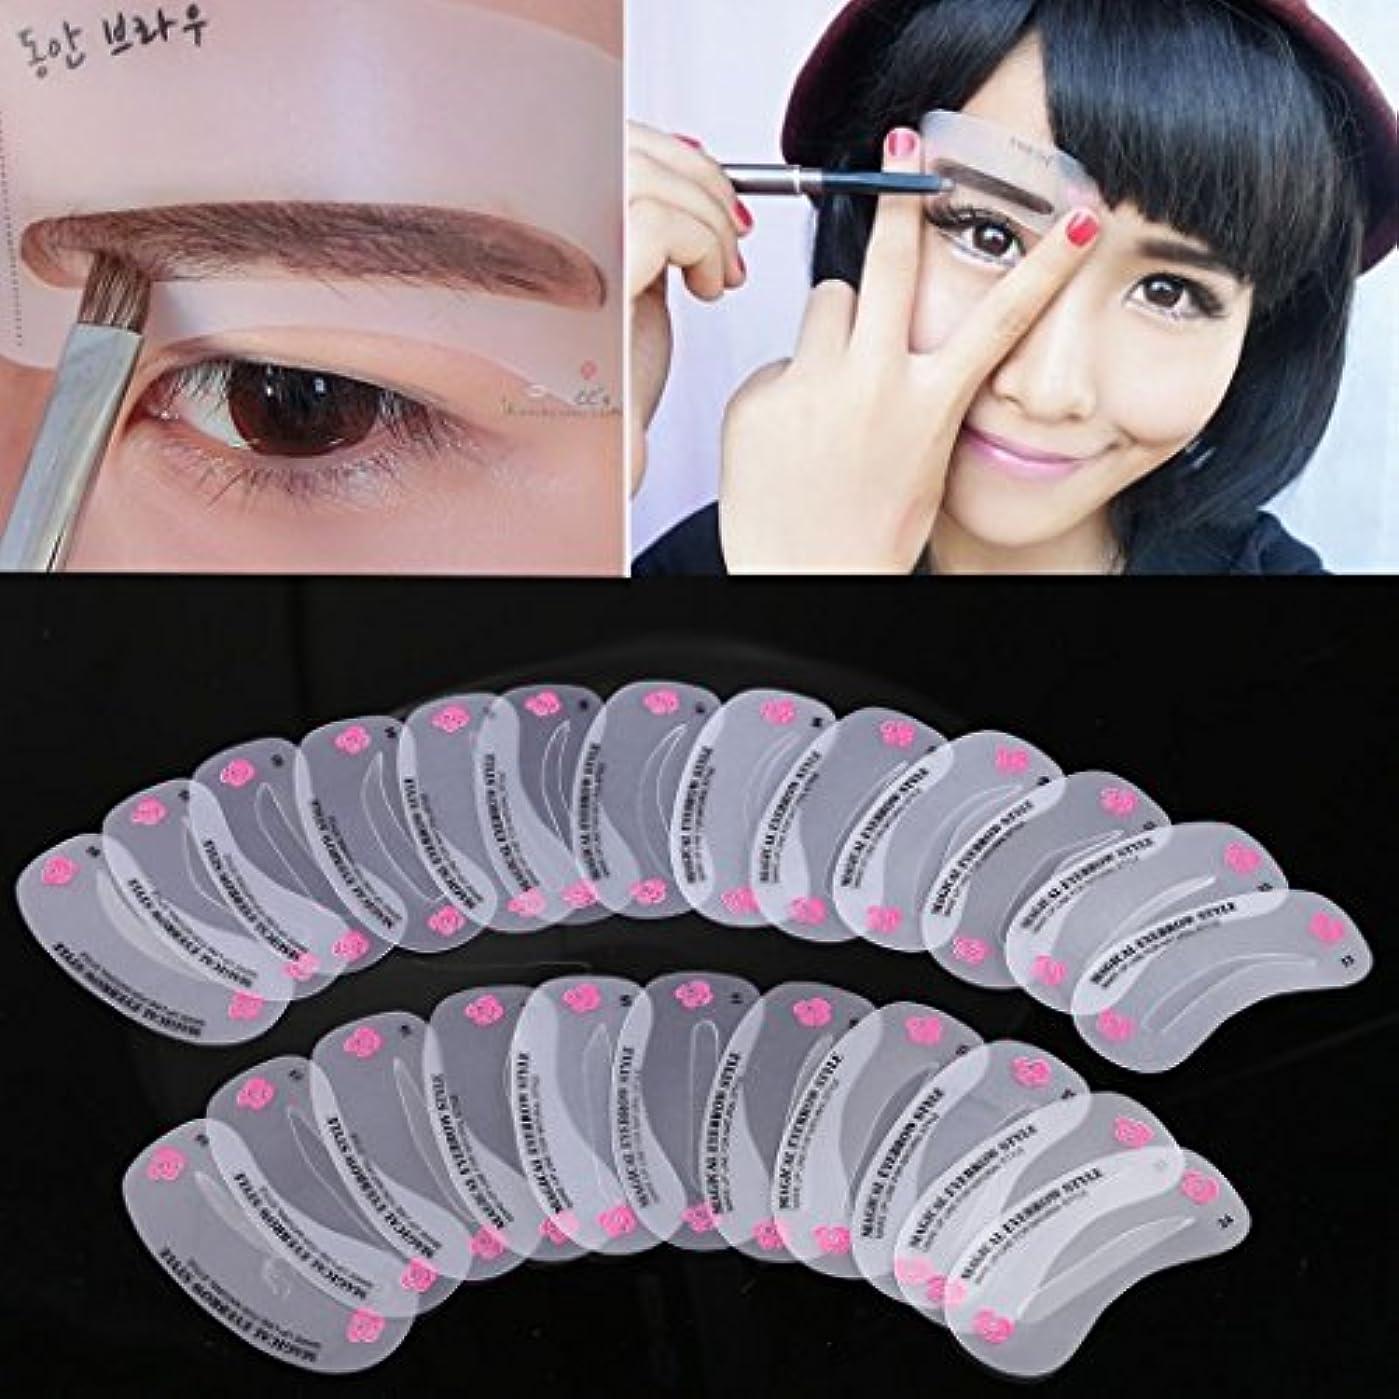 拷問限りなく言語24のスタイル?ステンシル化粧キット眉毛グルーミングセットを形づくっている異なる眉シェーパー